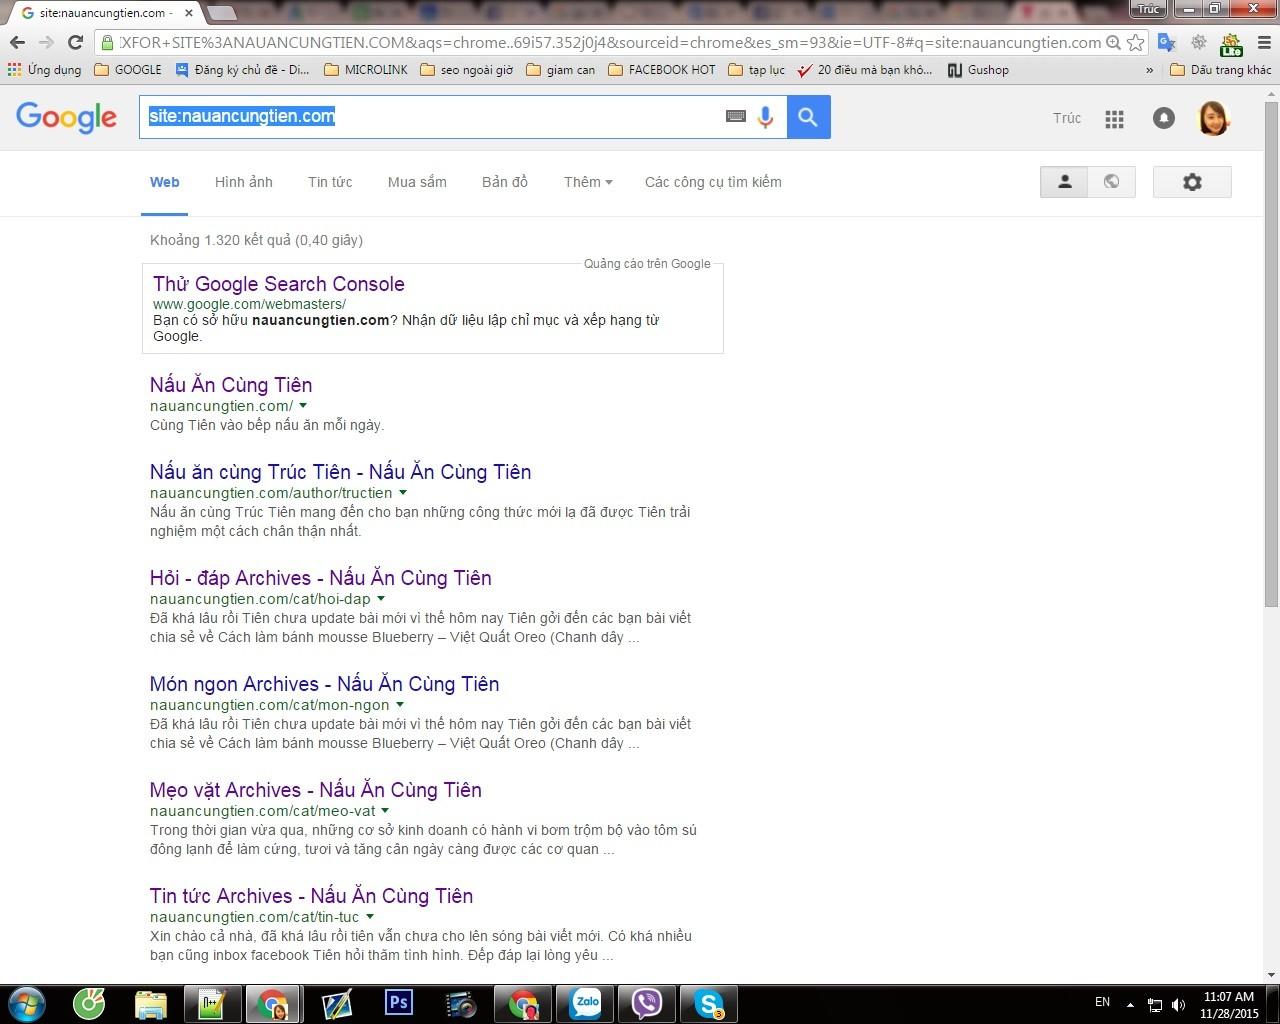 Tìm Kiếm Trong Trang Web